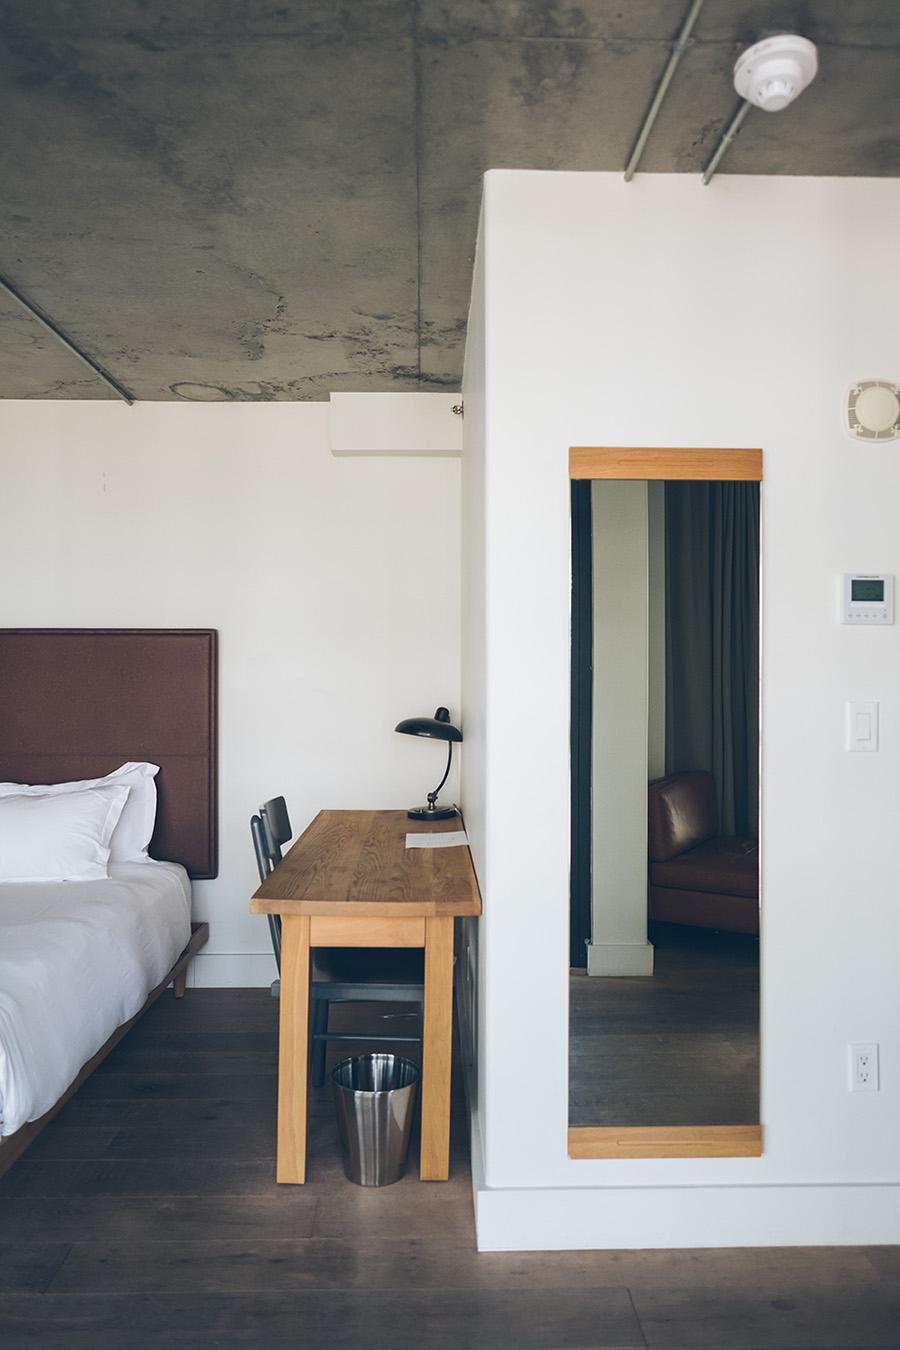 BORO-HOTEL-NEW-YORK-CITY-LIC-STAYCATION-CYNTHIACHUNG--92.jpg